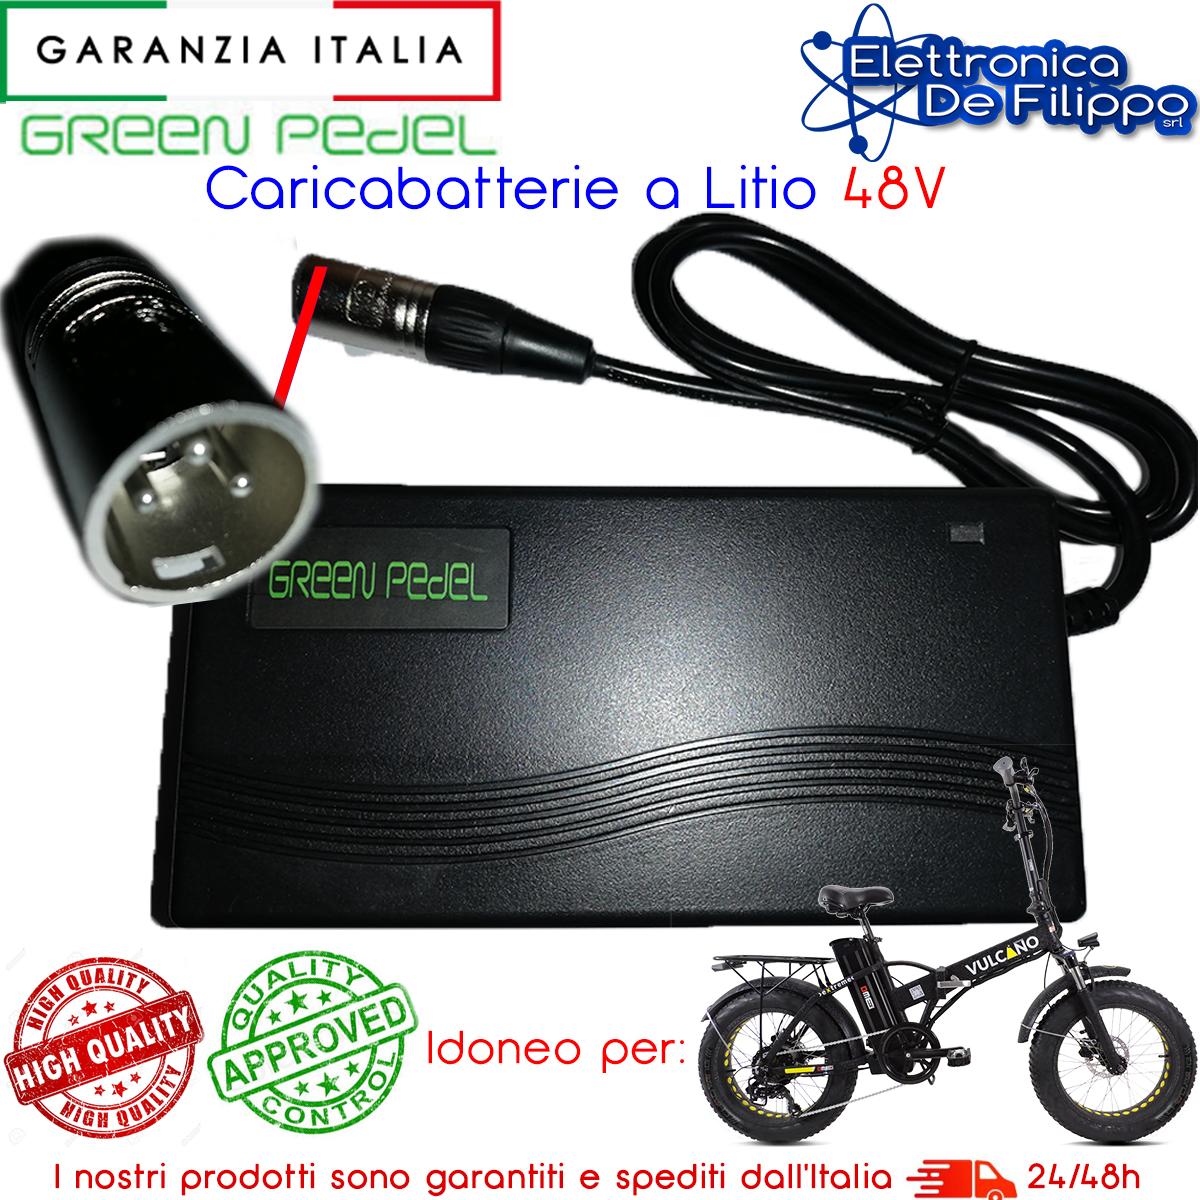 Batteria Cella LiFePO4 prismatica 3,2V 66Ah ups solar litio bicicletta elettrica